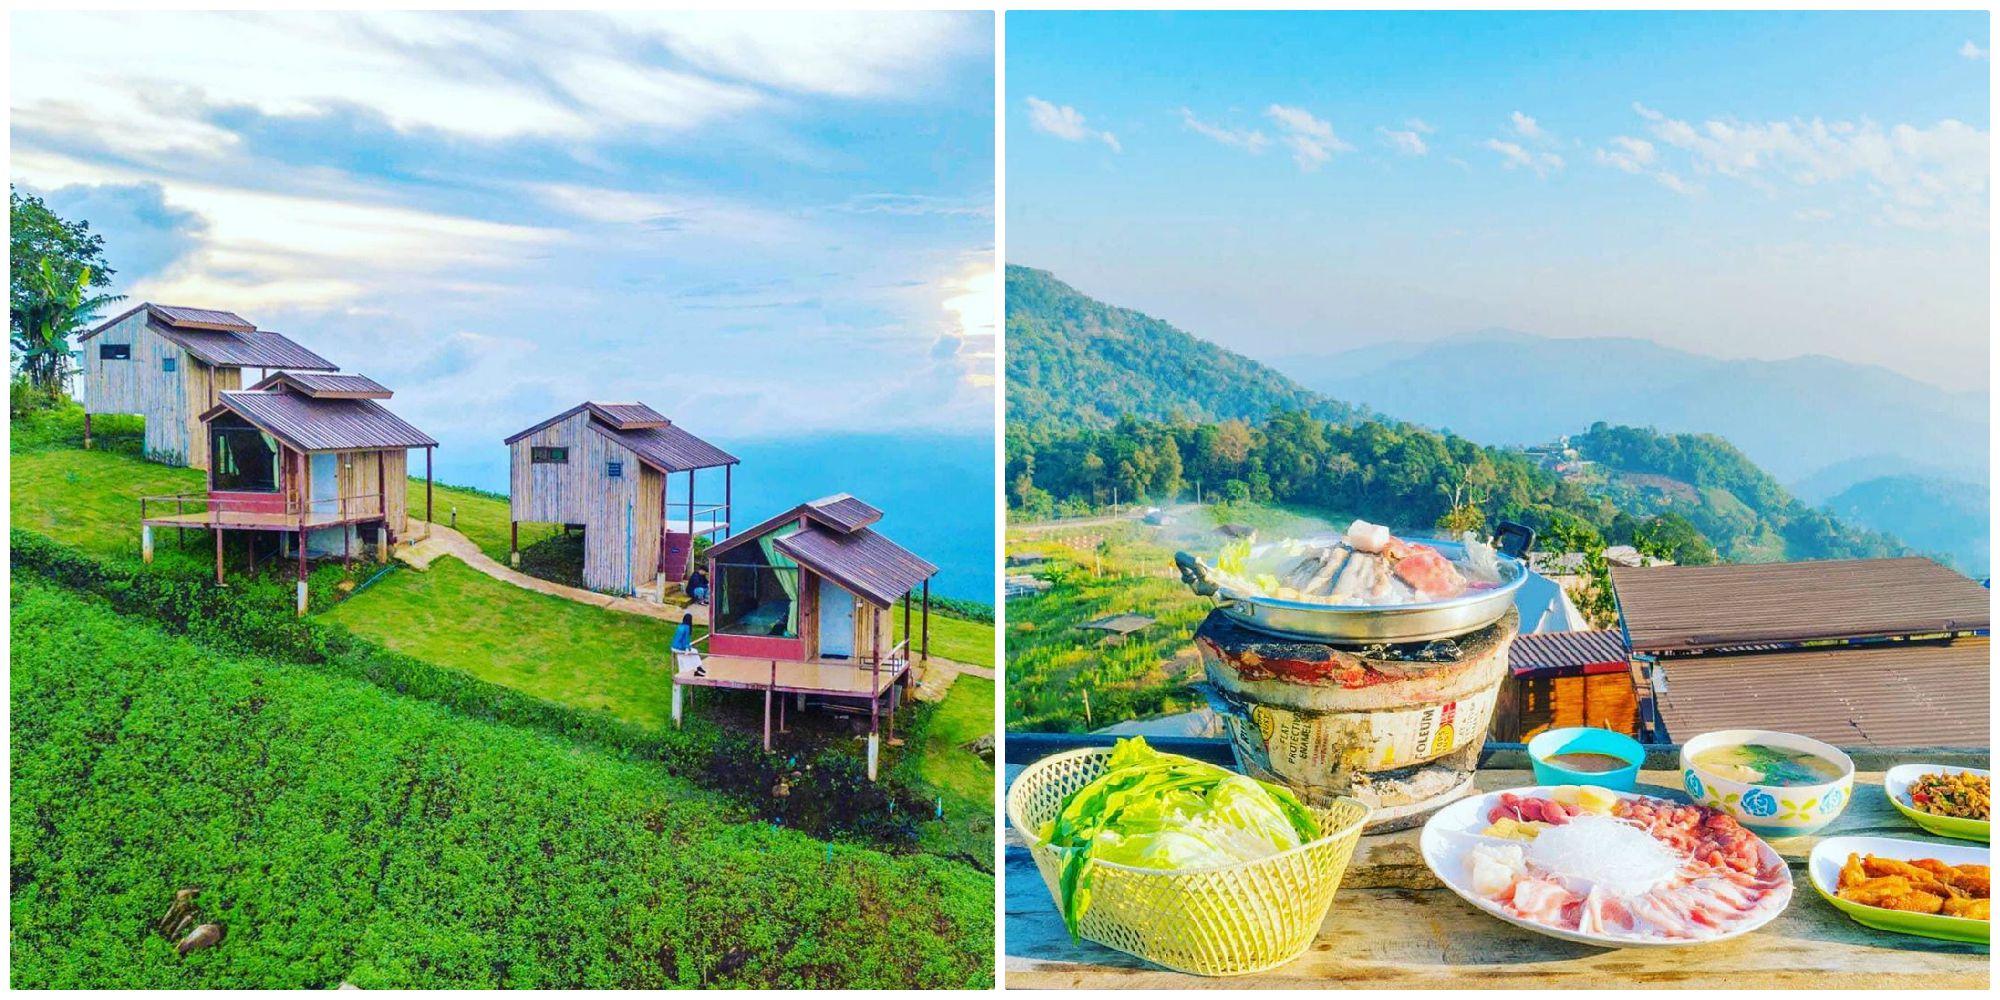 """Xác định ngay toạ độ Homestay nằm cheo leo giữa sườn đồi view cực """"xịn xò"""" ở Phú Yên"""